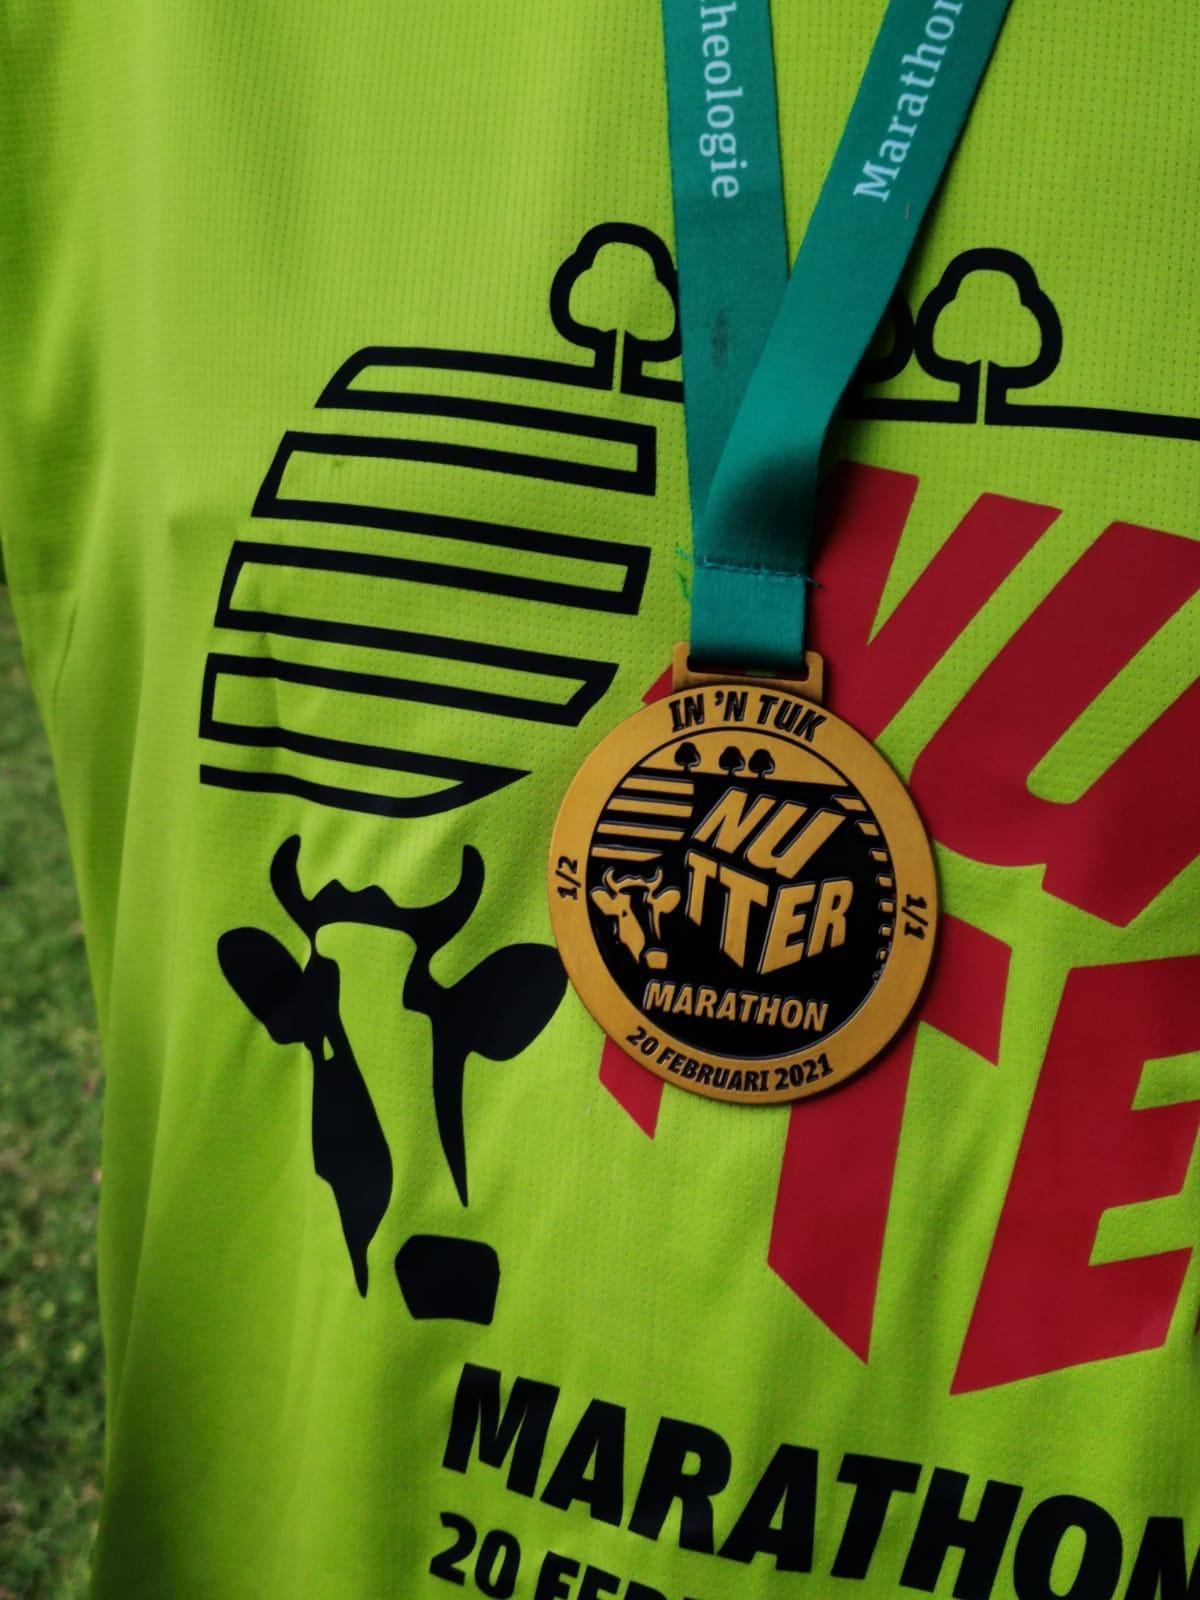 Nutter Marathon 20 februari 2021